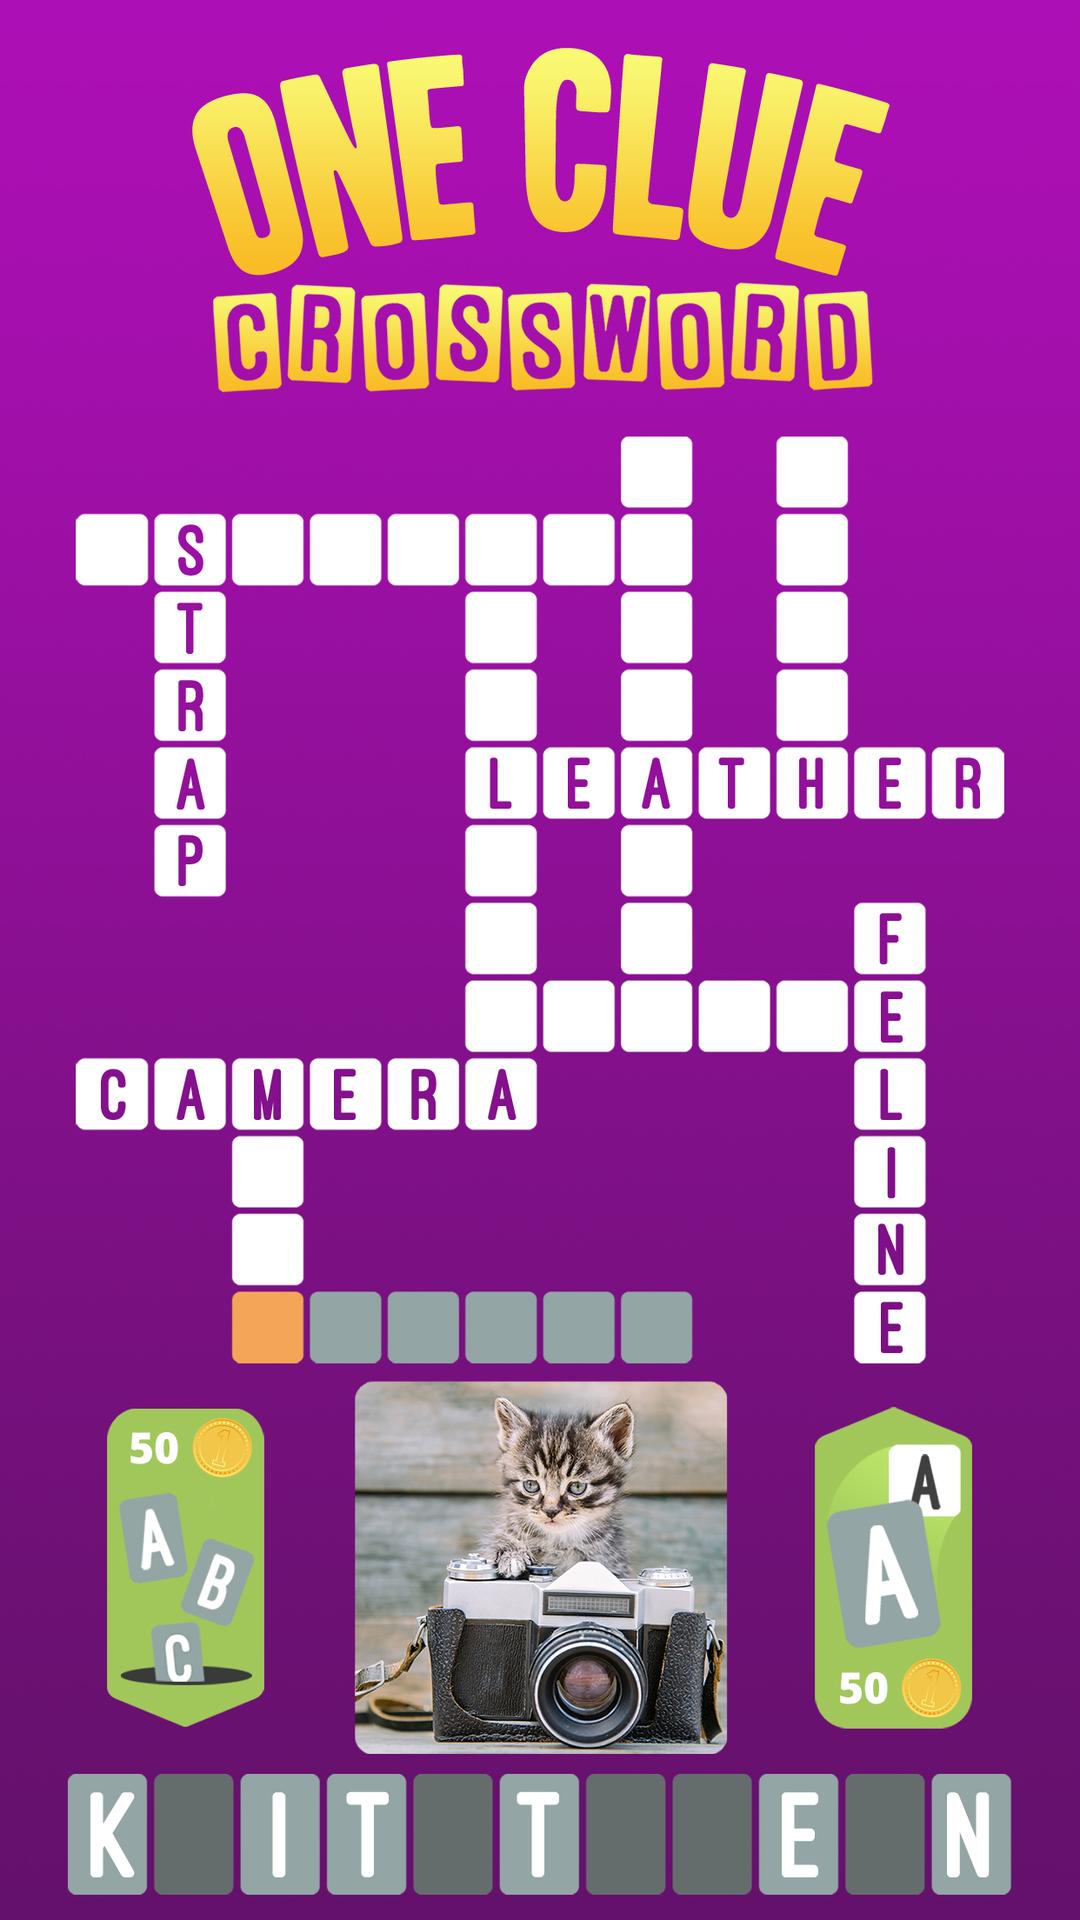 One Clue Crossword - App of the week